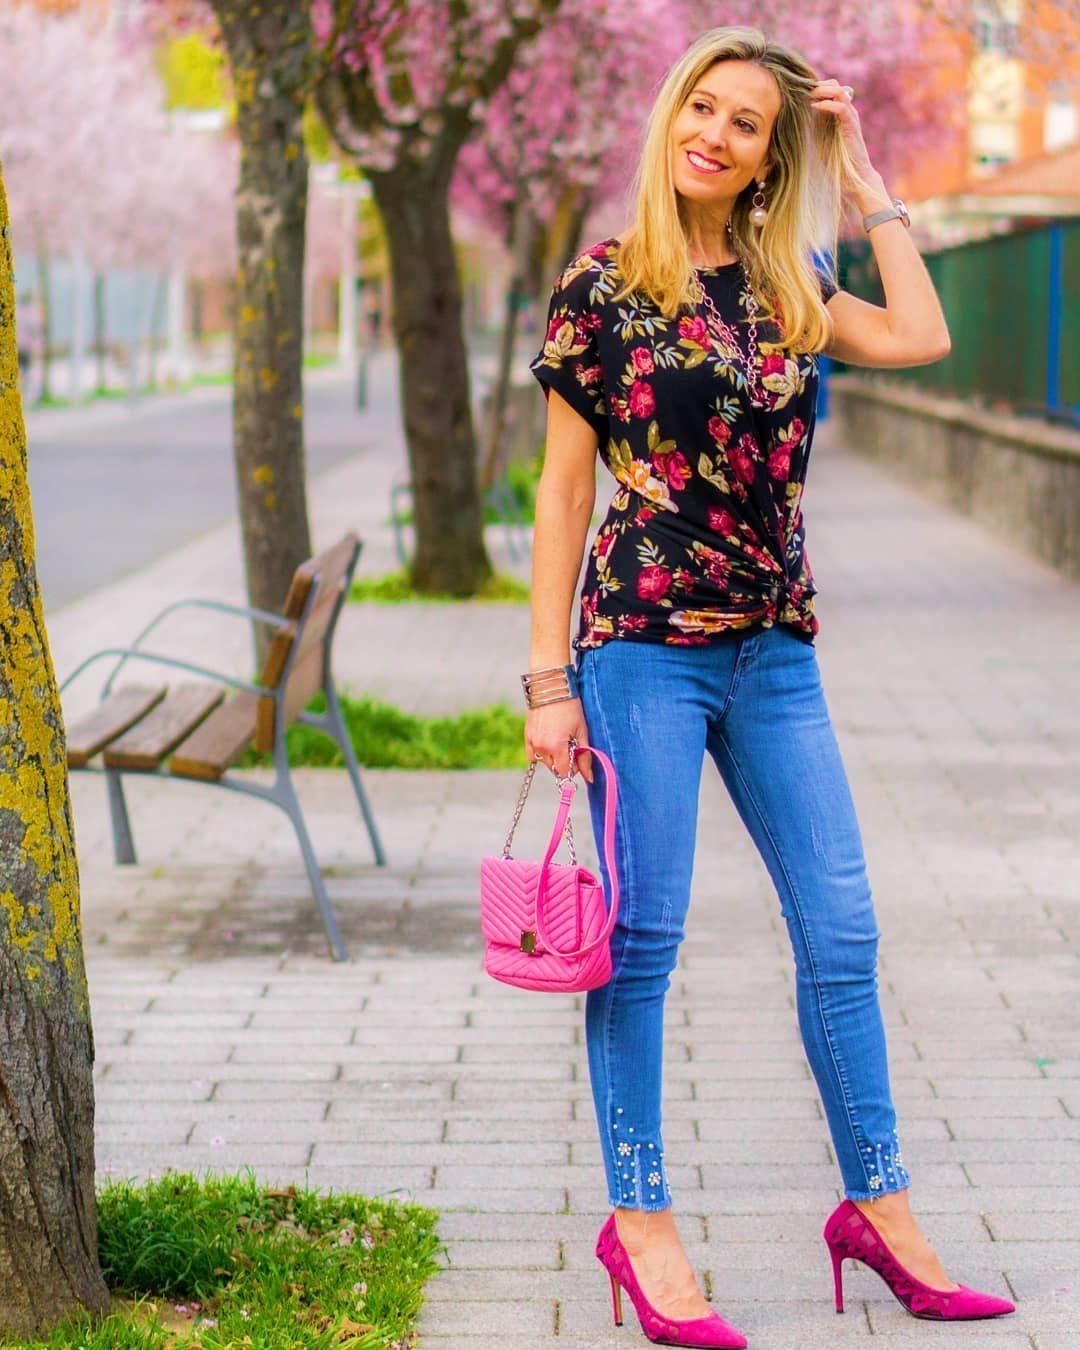 Hola Soletes Hoy Tenemos Un Día Gris Y Lluvioso En Vitoria Y Para Compensar Le Pongo Un Toque De Rosa Y A Disfrutar Del Sábado Al Fashion Capri Pants Pants